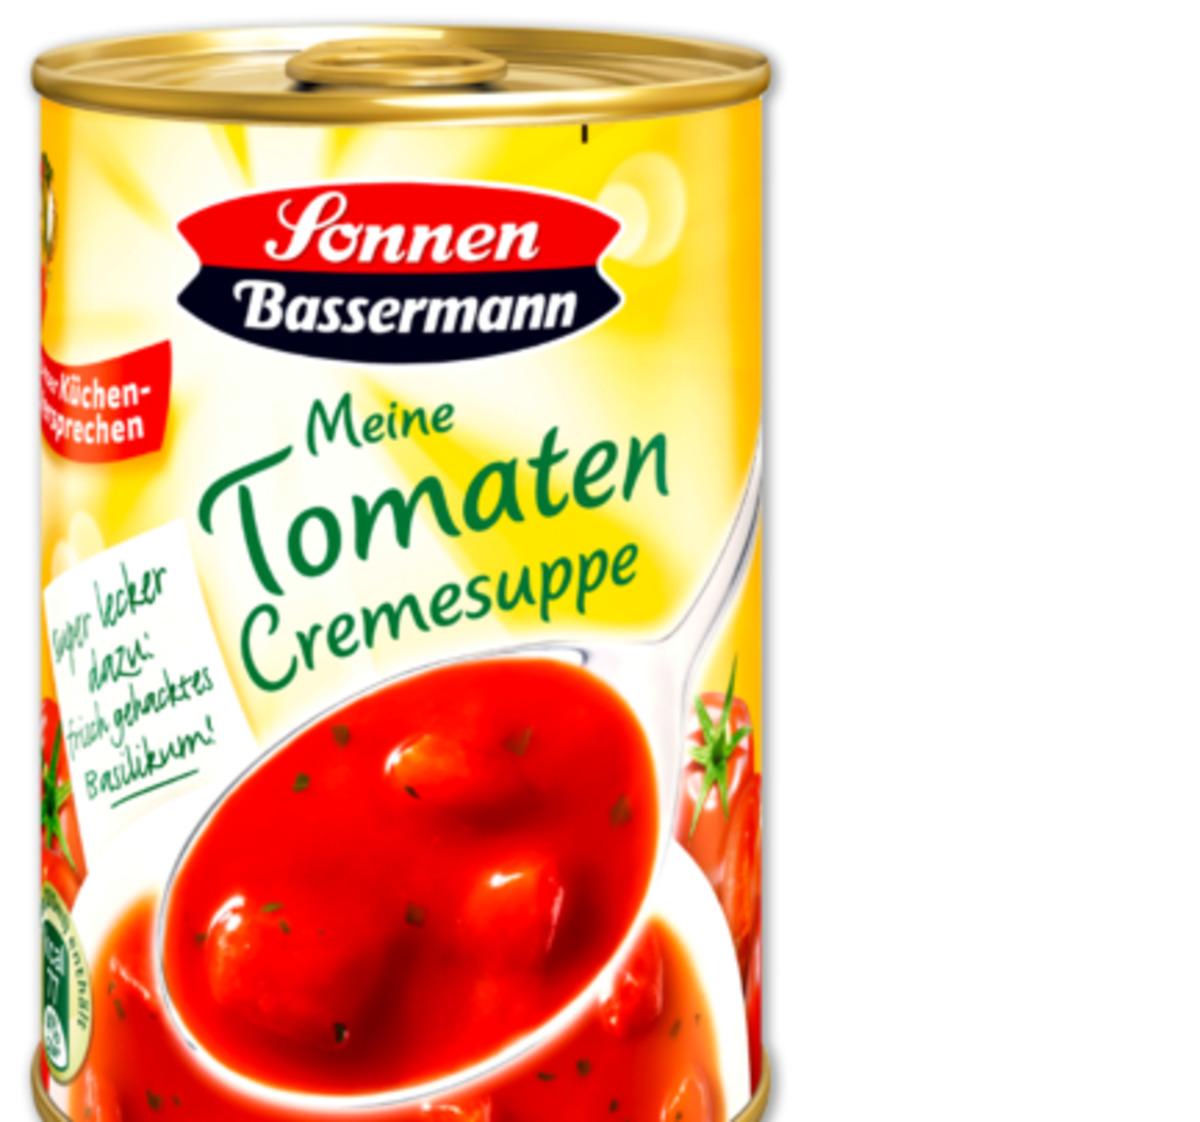 Bild 1 von SONNEN-BASSERMANN Suppen